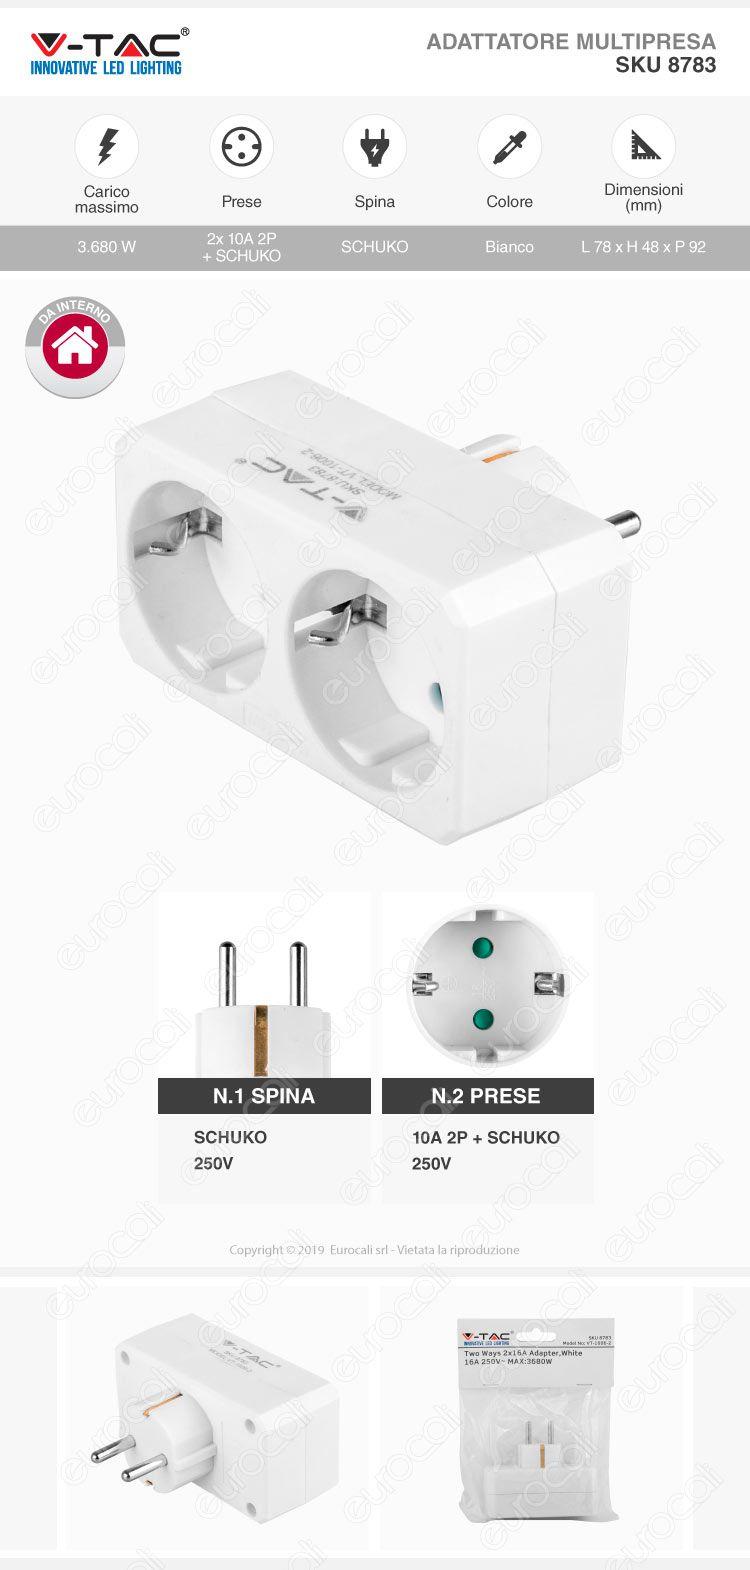 V-Tac Multipresa Adattatore Triplo con Schuko Bianco